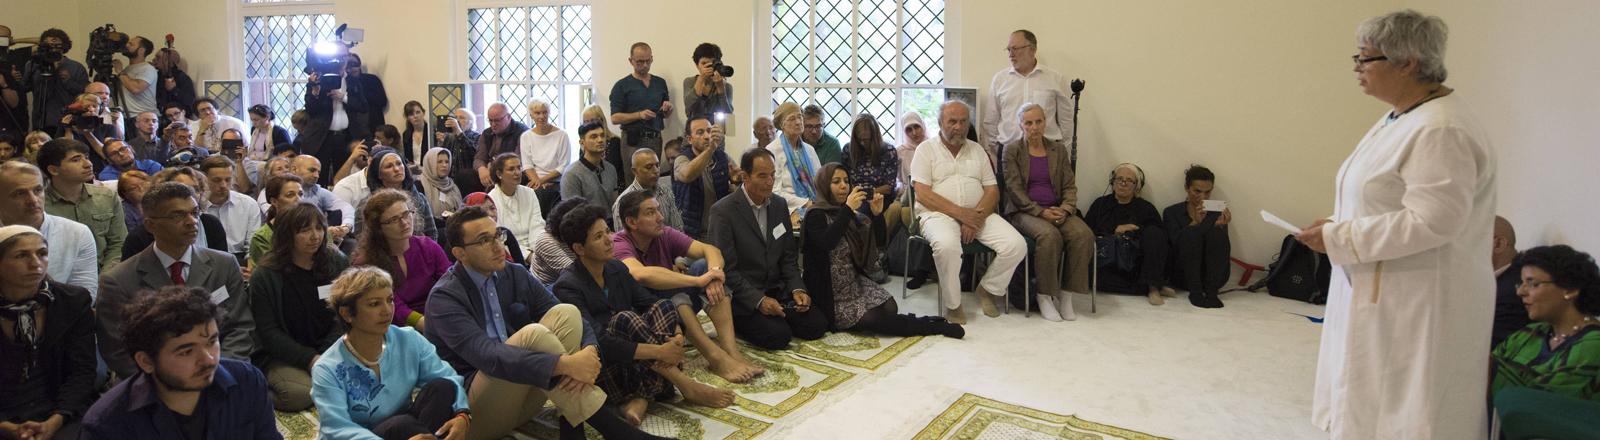 Menschen beim Freitagsgebet zur Eröffnung der liberalen Ibn-Rushd-Goethe-Moschee am 16.06.17.